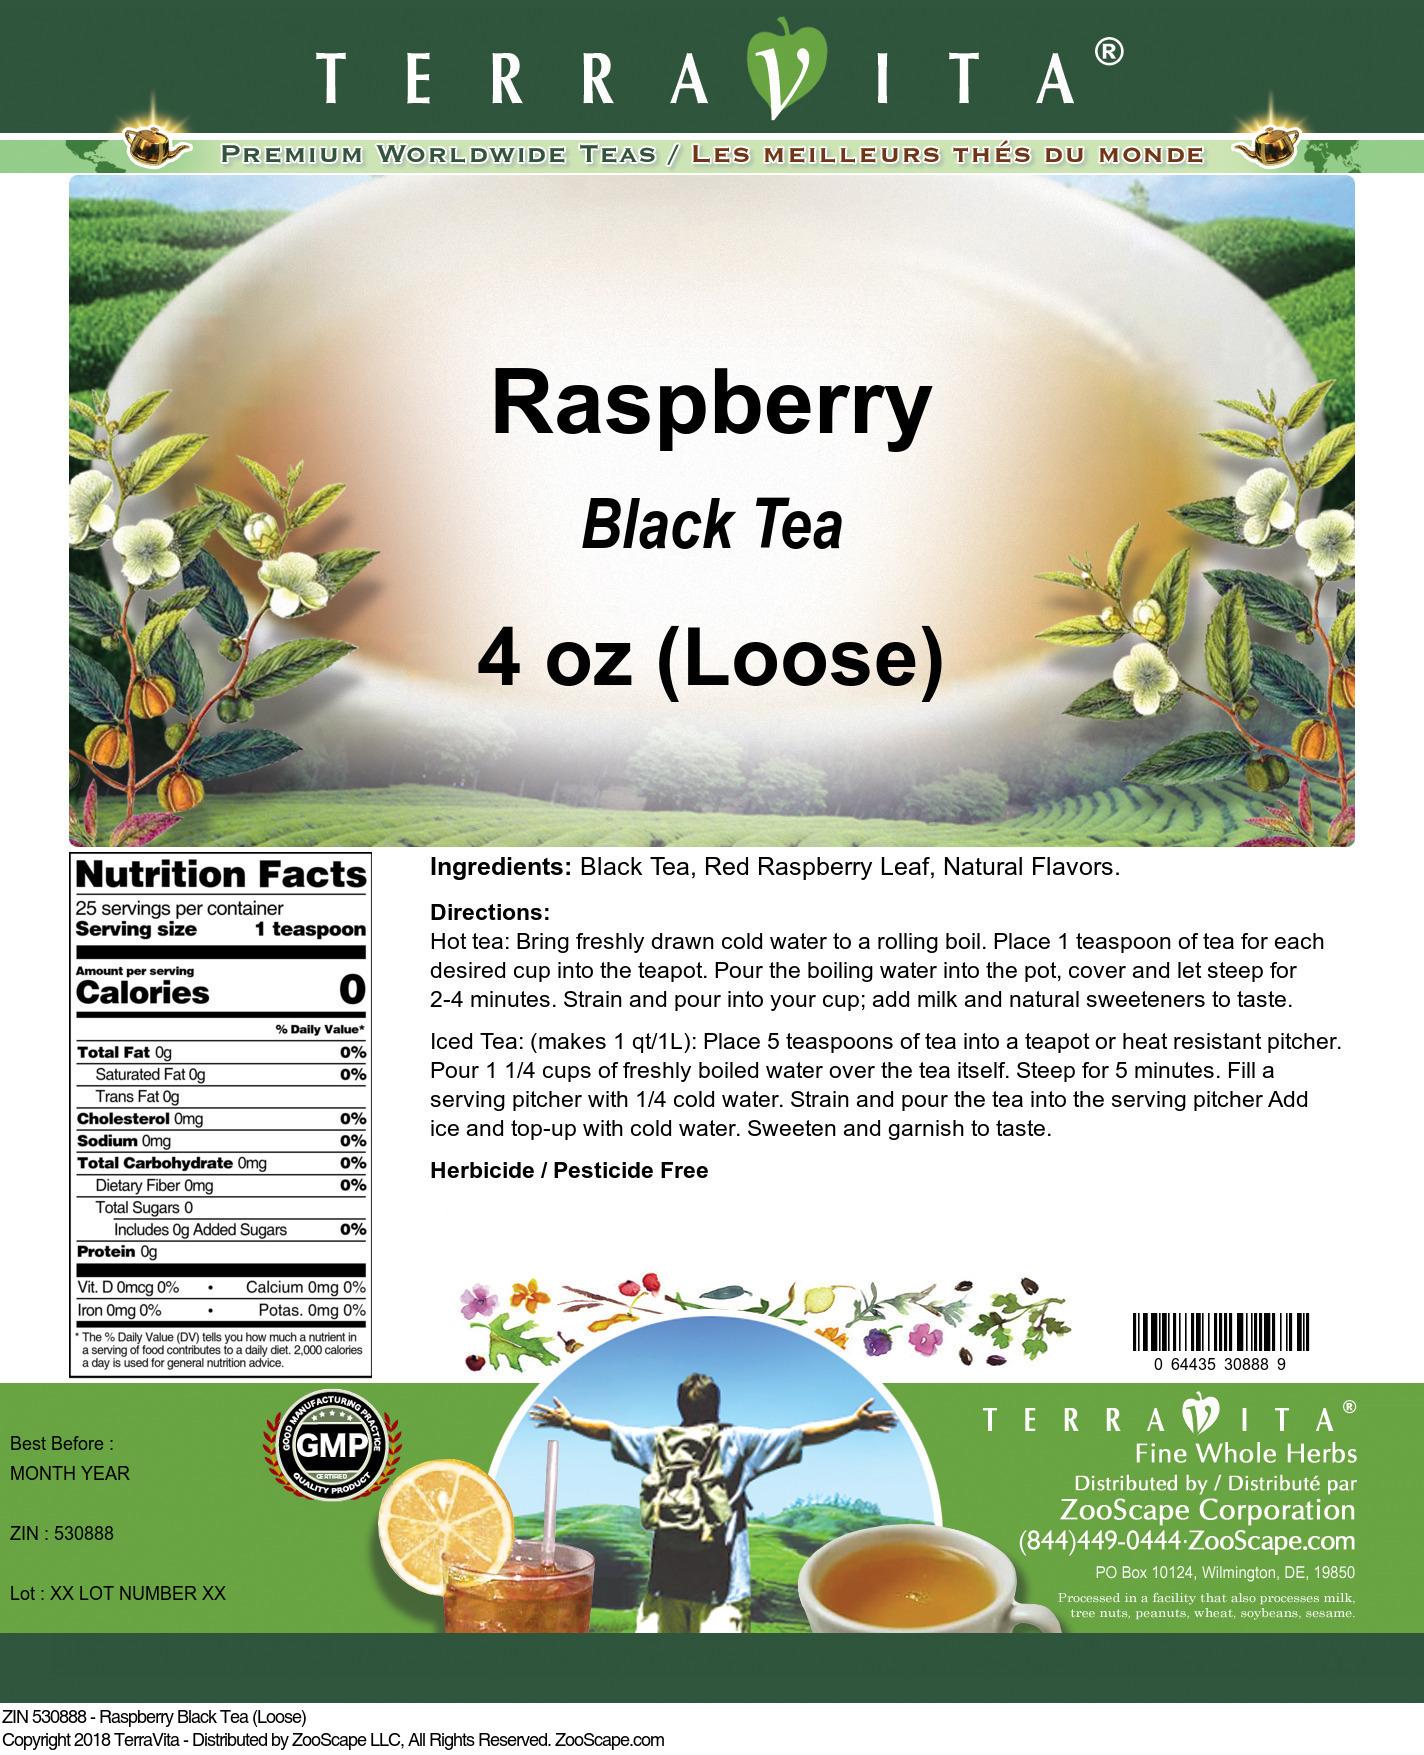 Raspberry Black Tea (Loose)